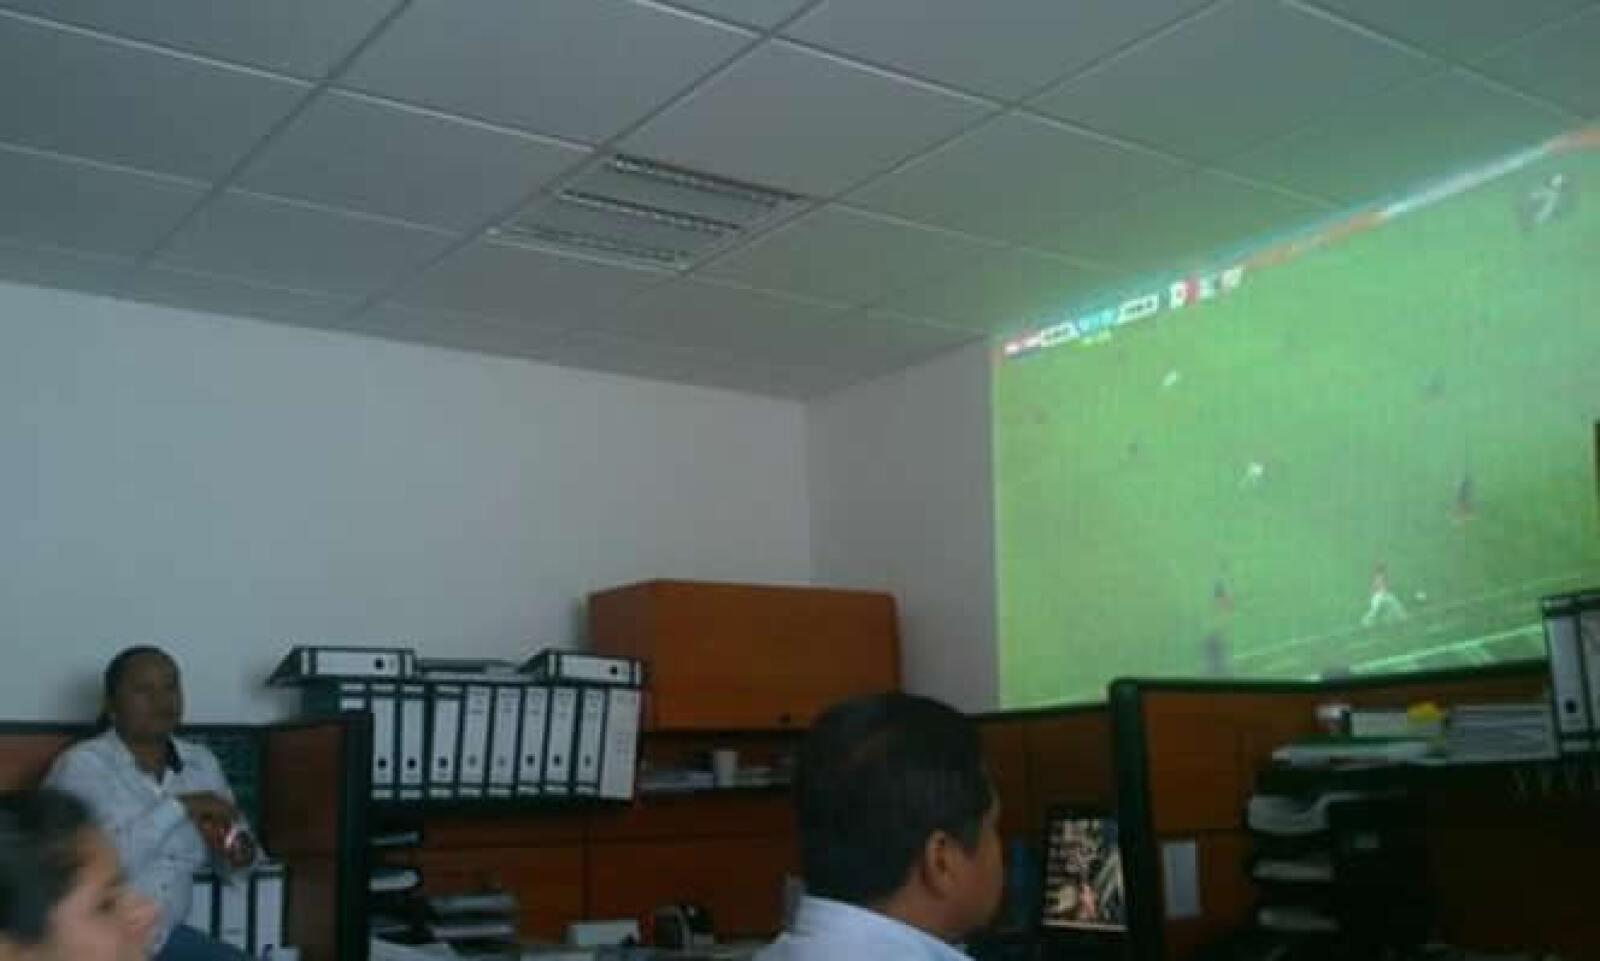 LuisP mostró como que su oficina hicieron un espacio entre los archivos para proyectar el partido. @SPetos